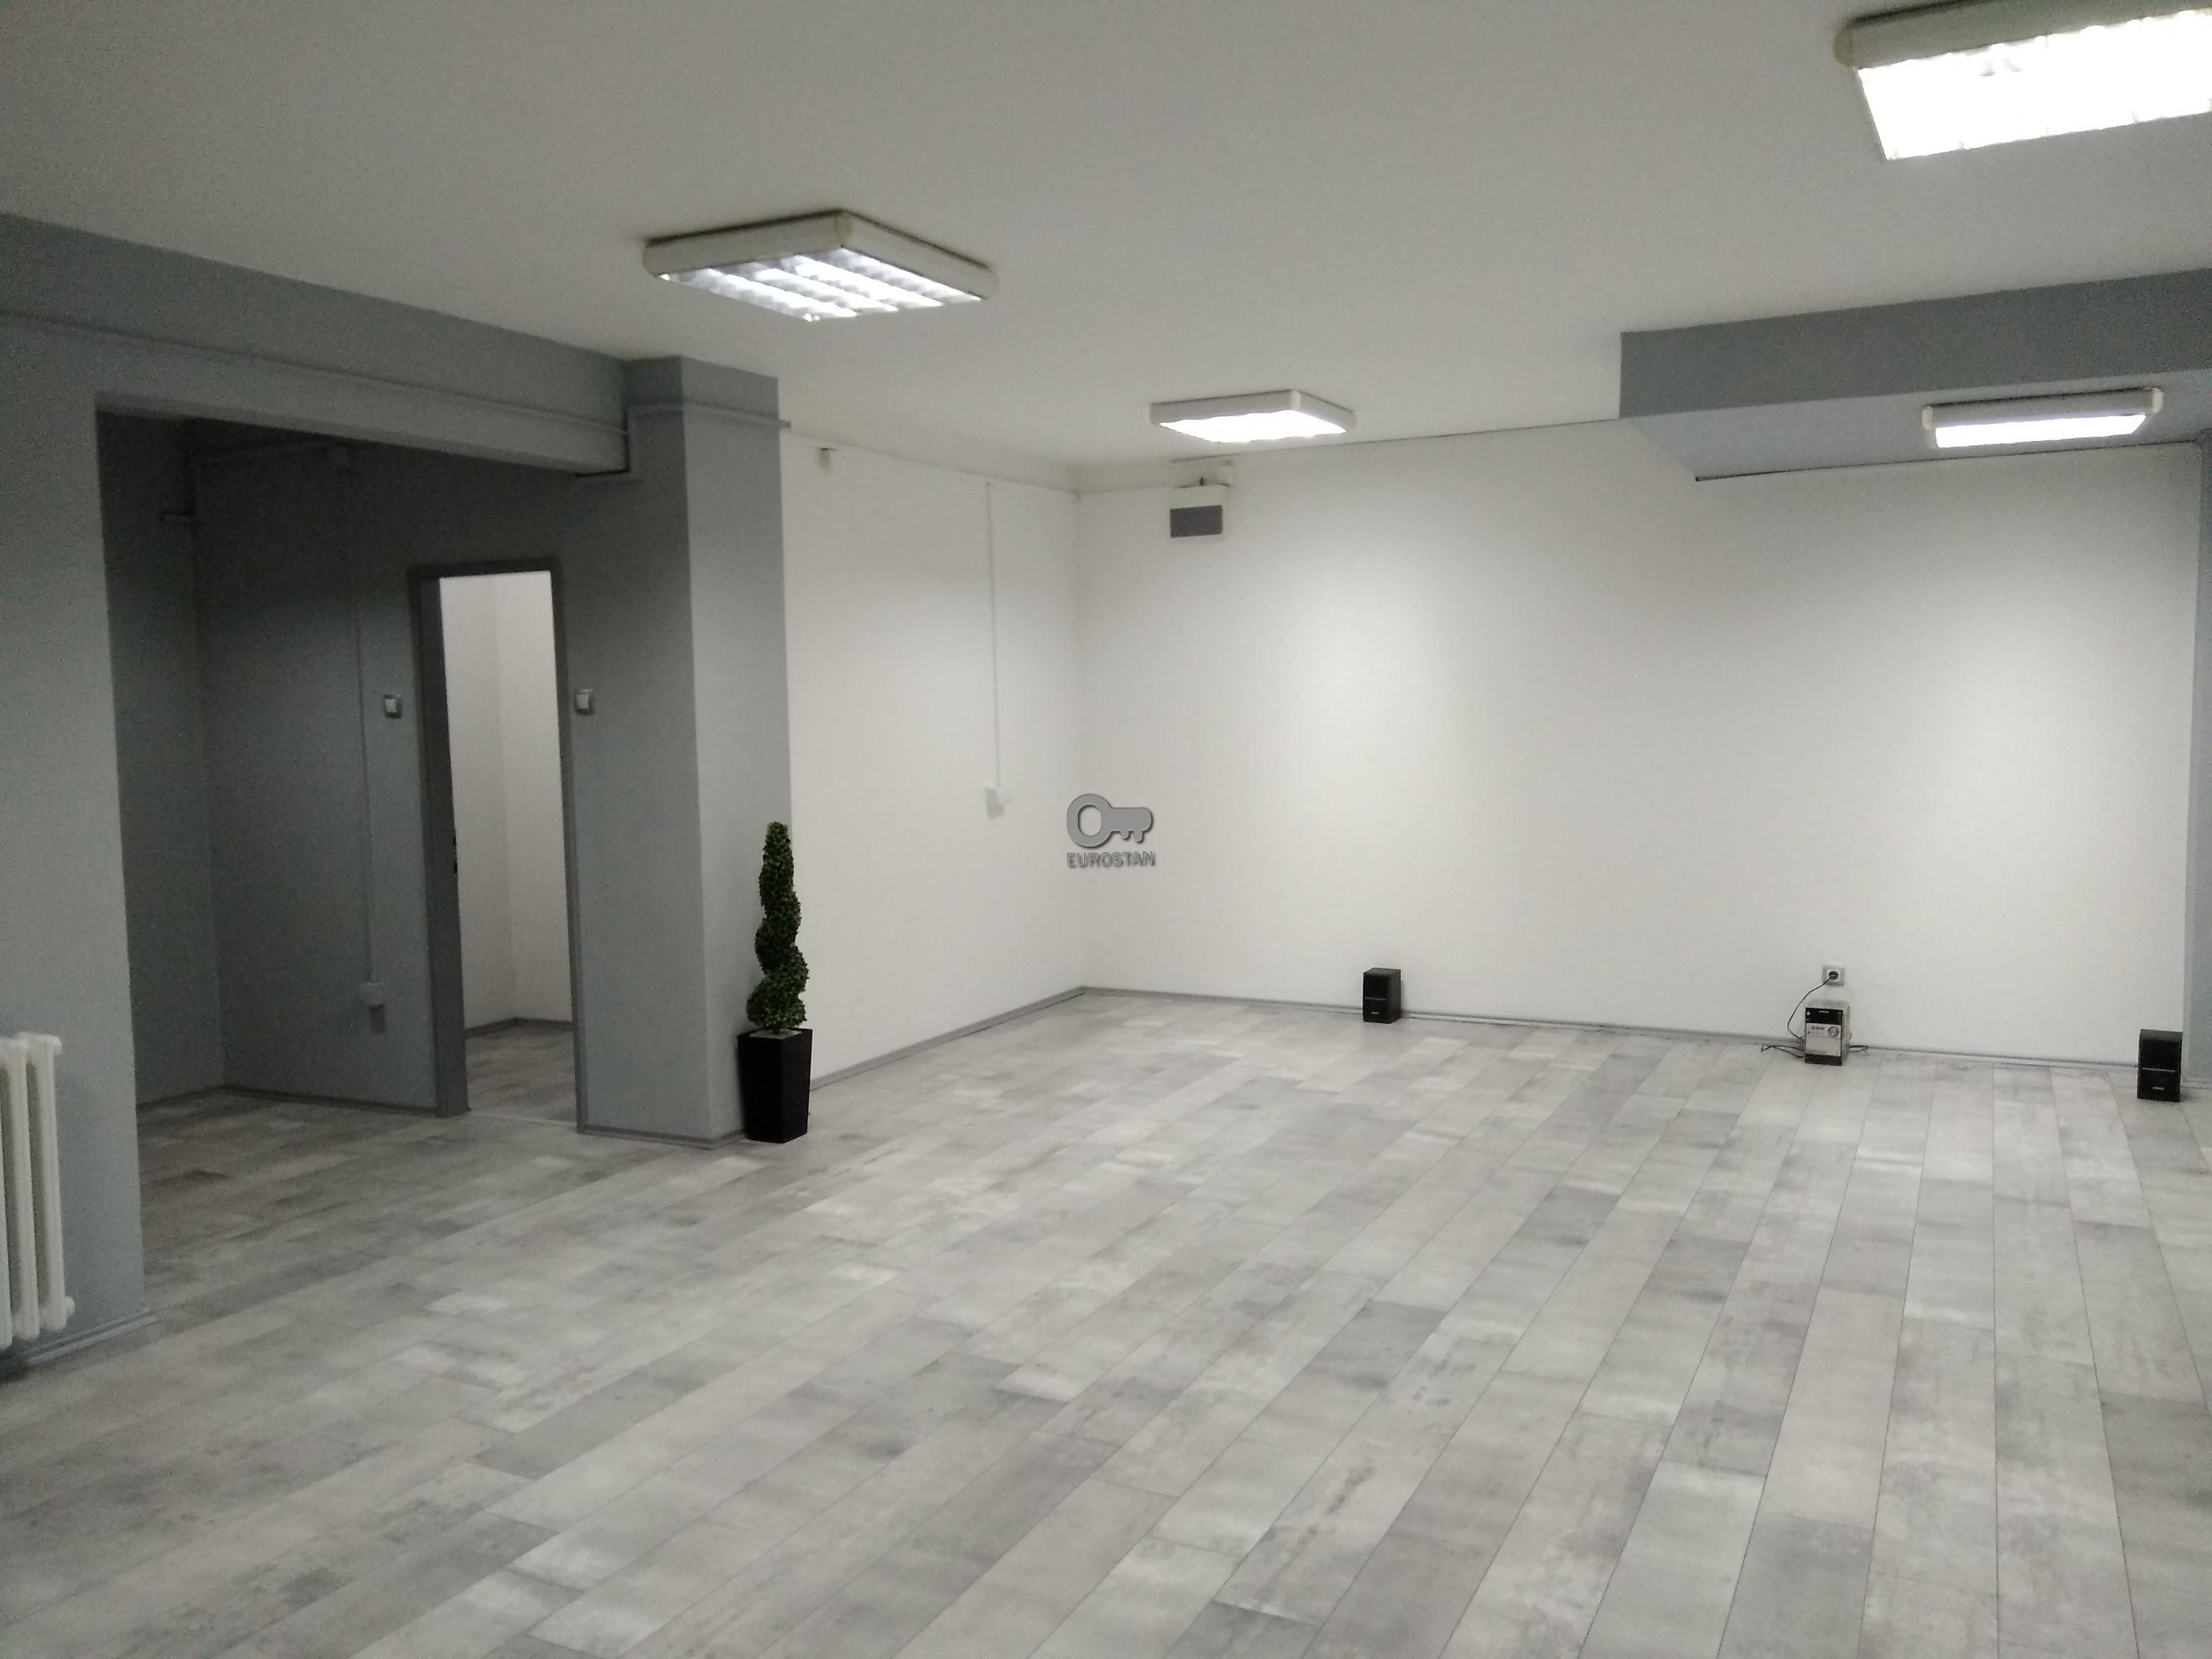 Poslovni prostor HOTEL JUGOSLAVIJA 1000 EUR